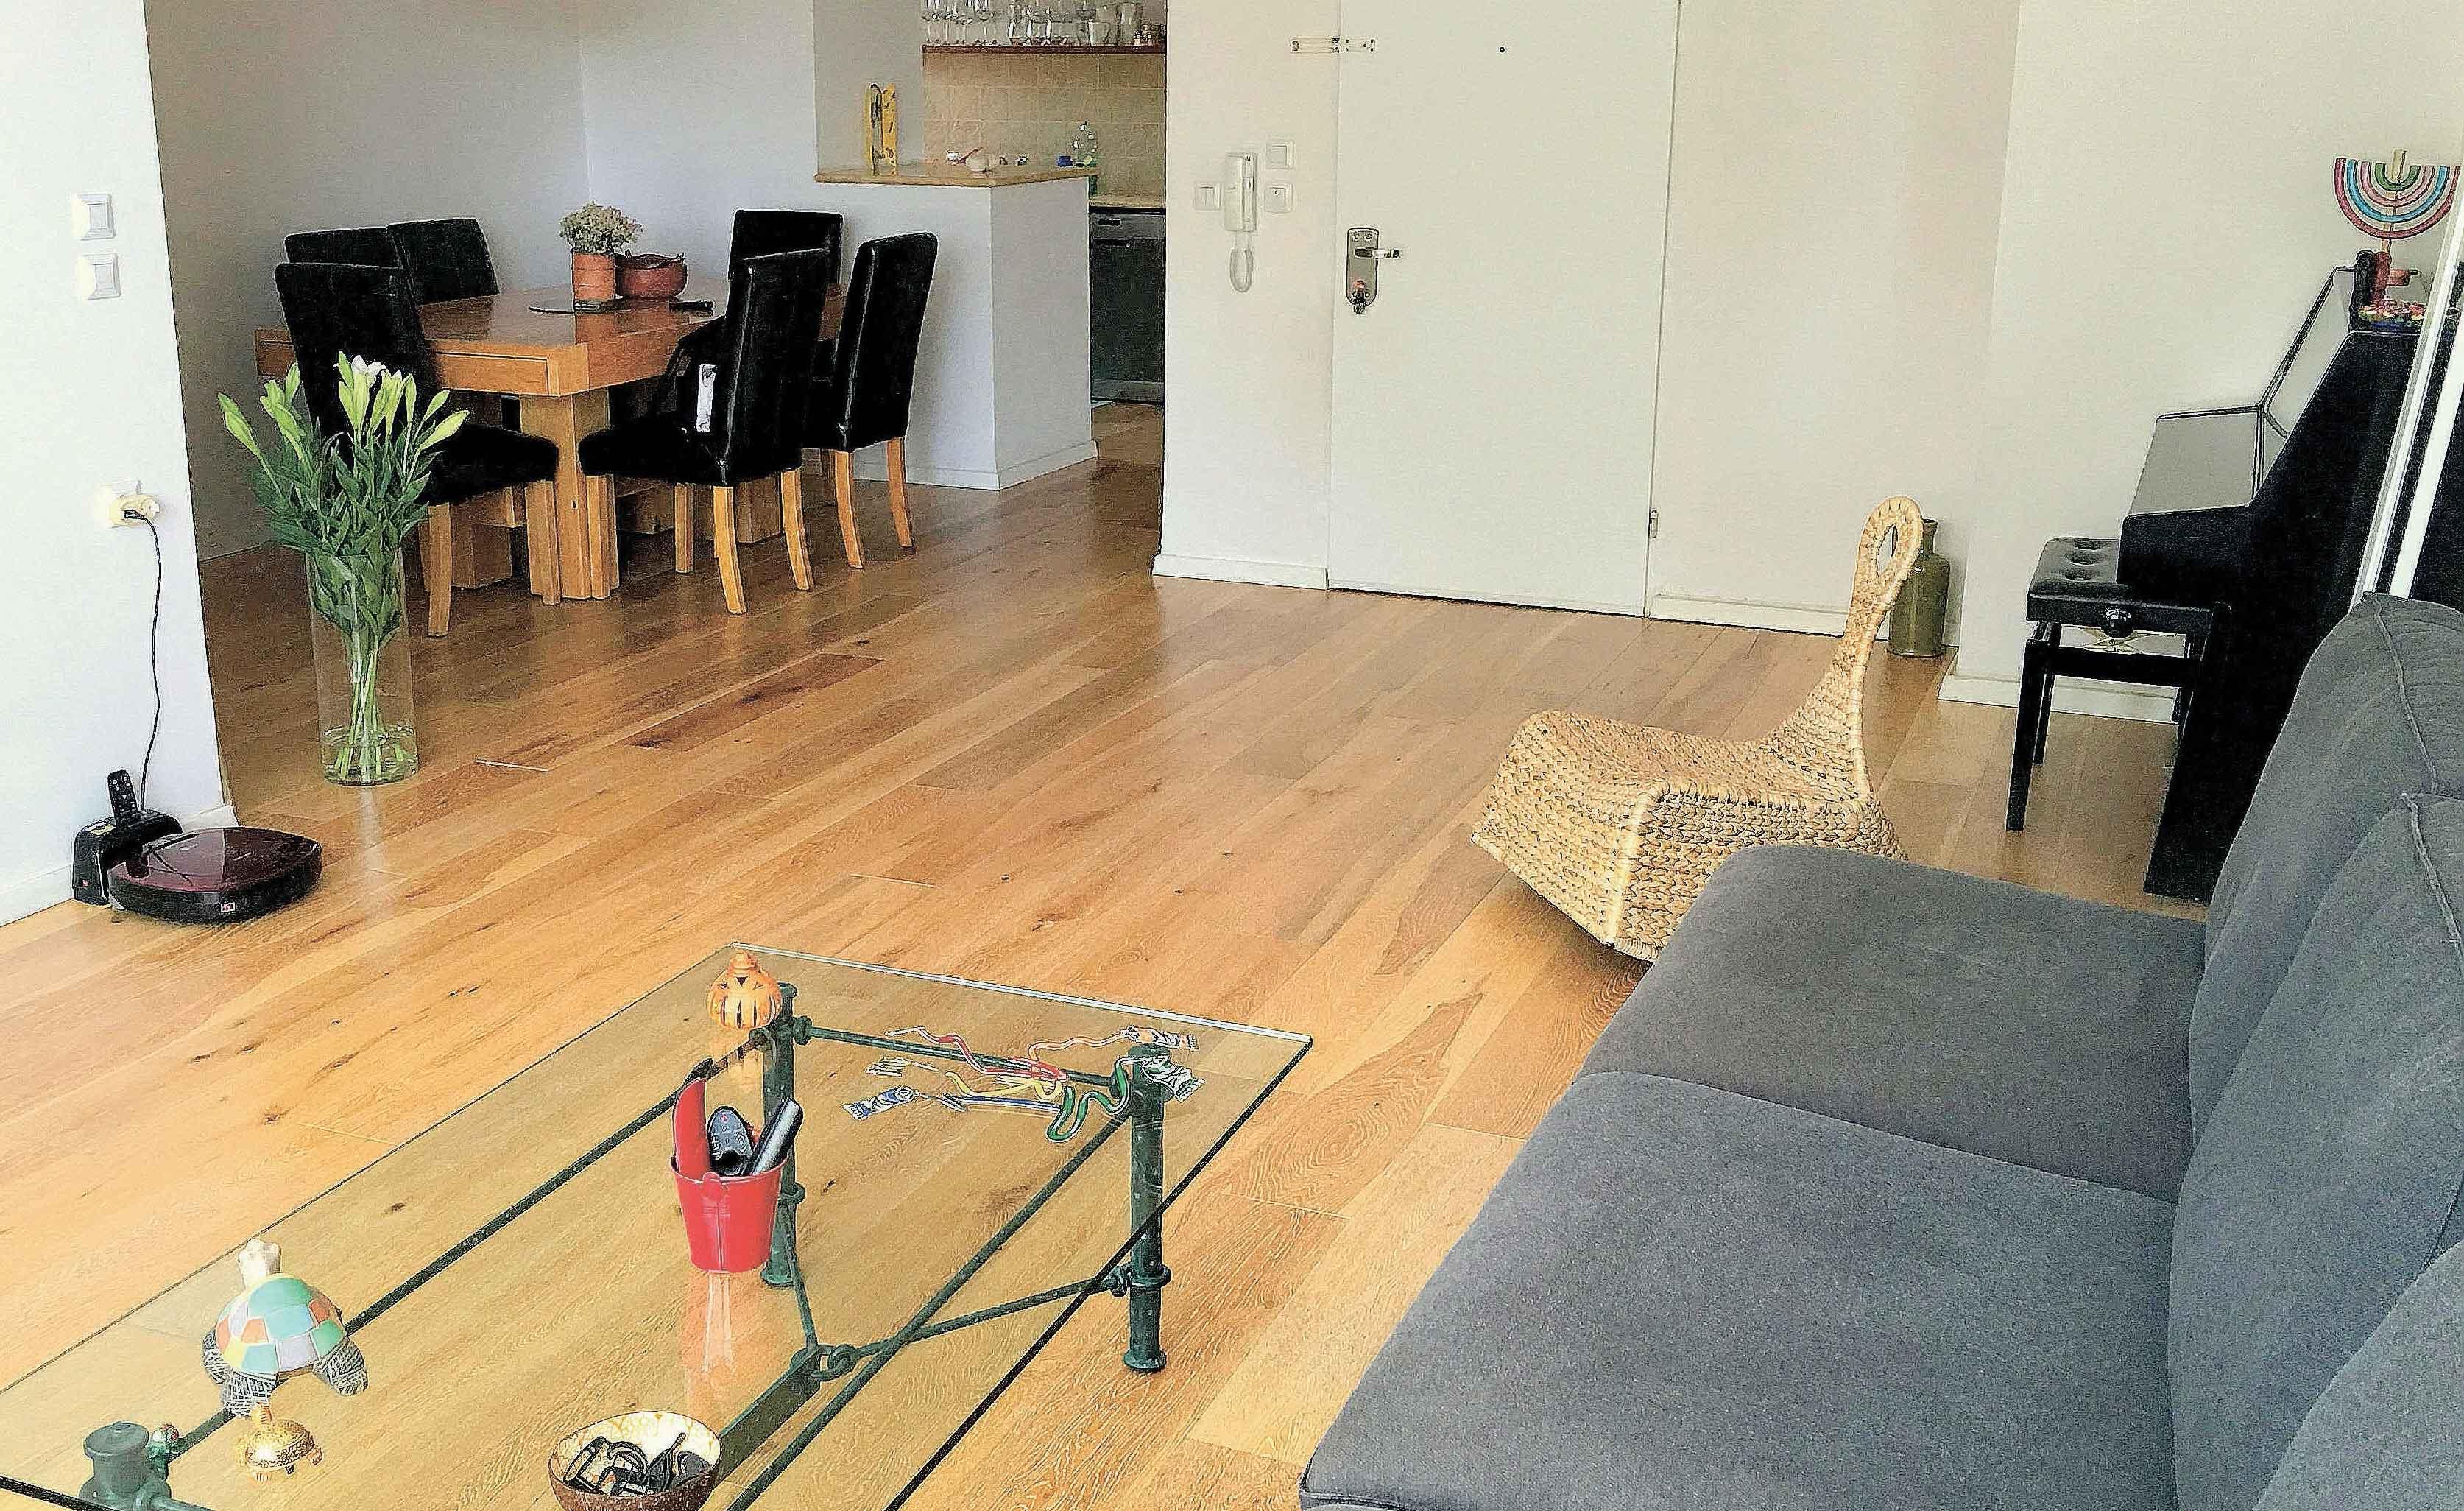 הצעת השבוע: חמישה חדרים בהרצליה הירוקה